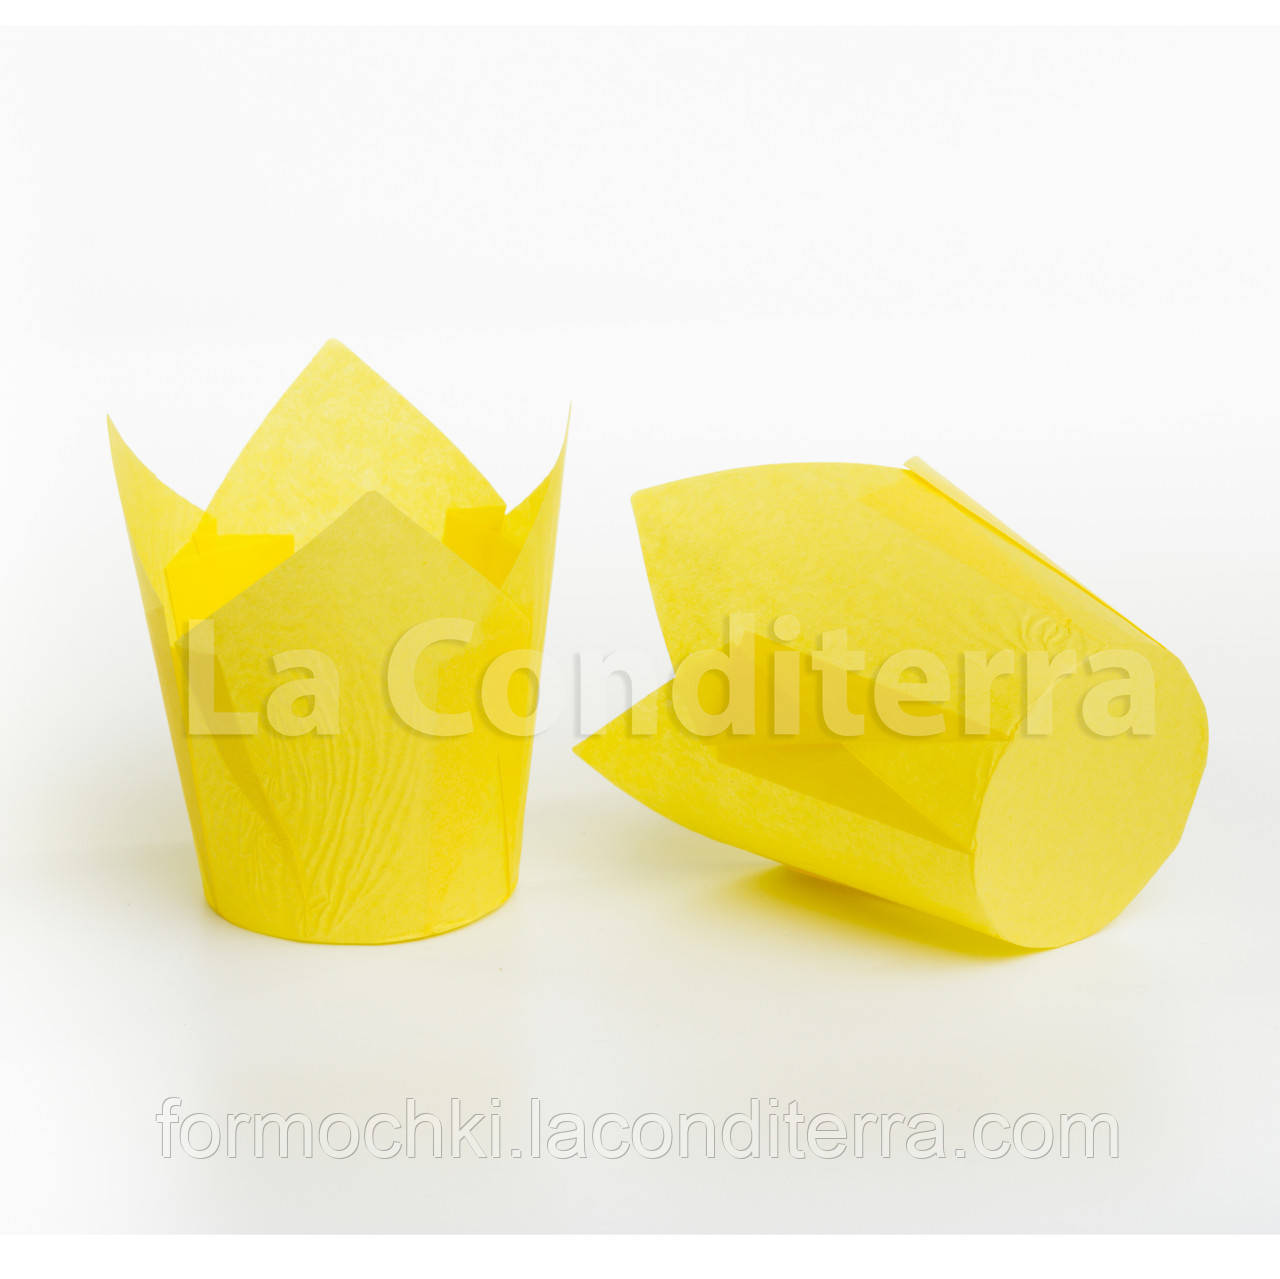 Формочки для кексов Тюльпан желтые (150 шт., d=50 мм, высота бортика=60/80 мм)